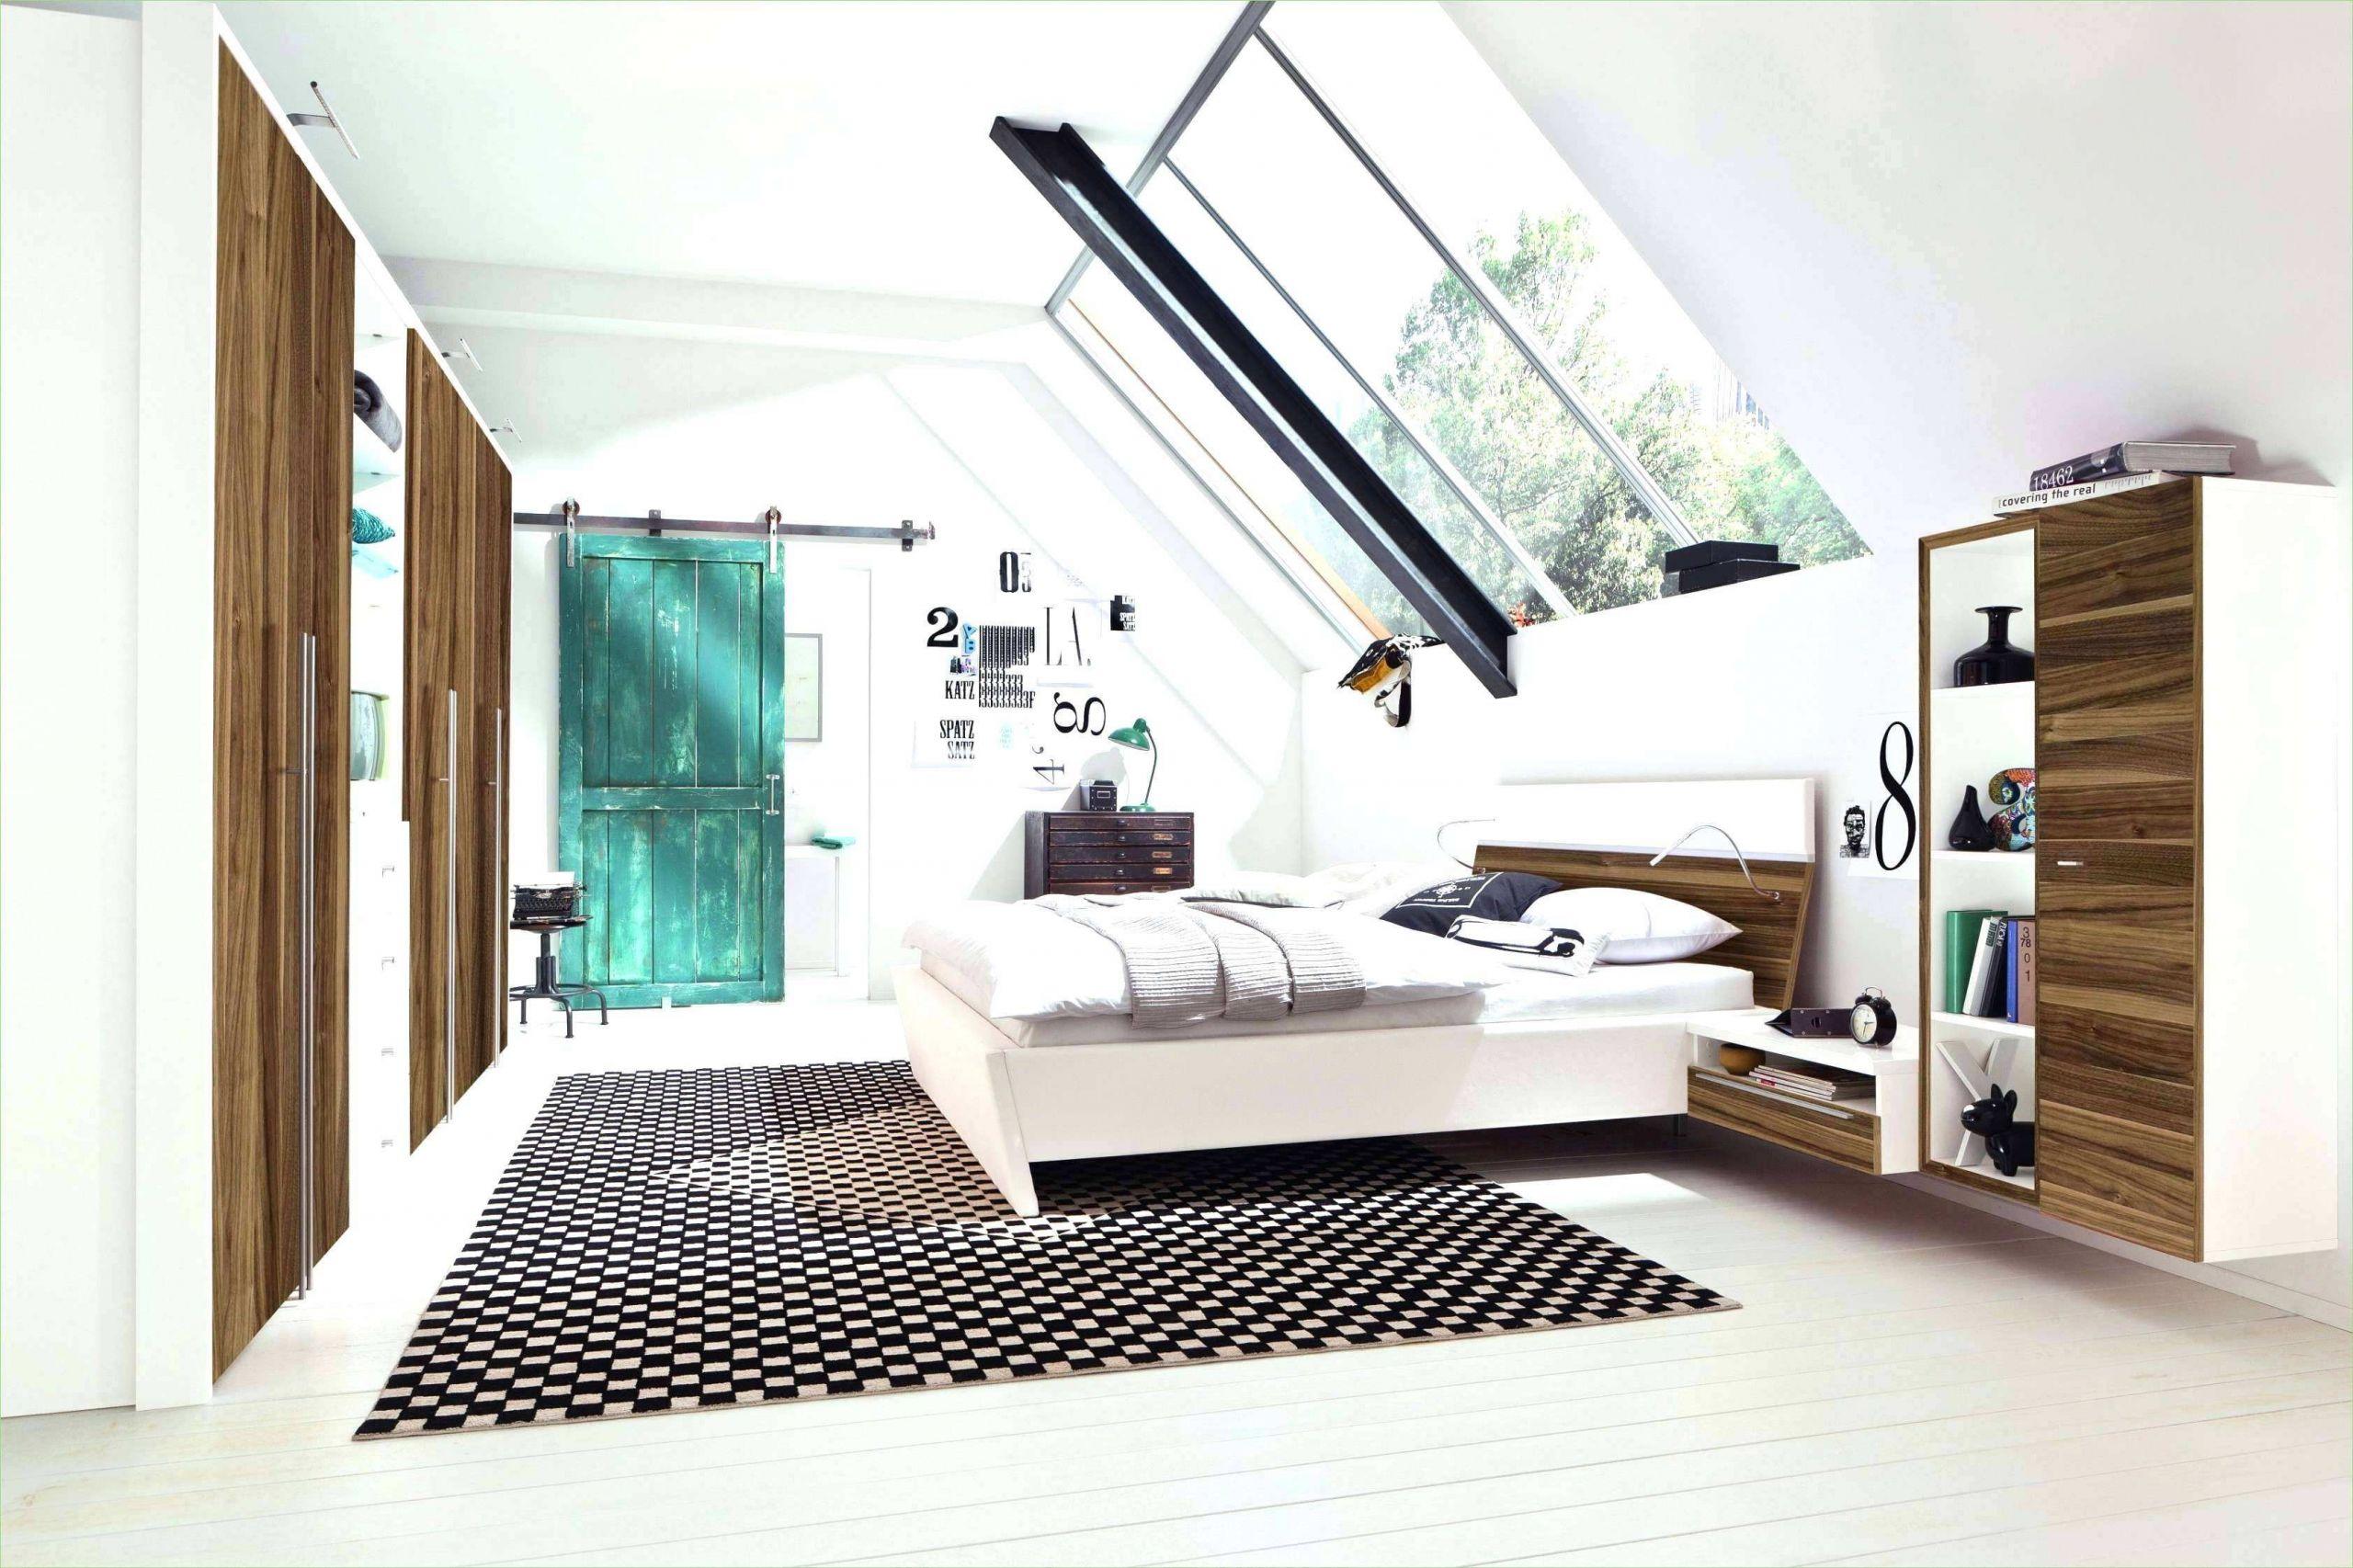 wohnung dekorieren ideen einzigartig lovely deko ideen selbermachen wohnzimmer concept of wohnung dekorieren ideen